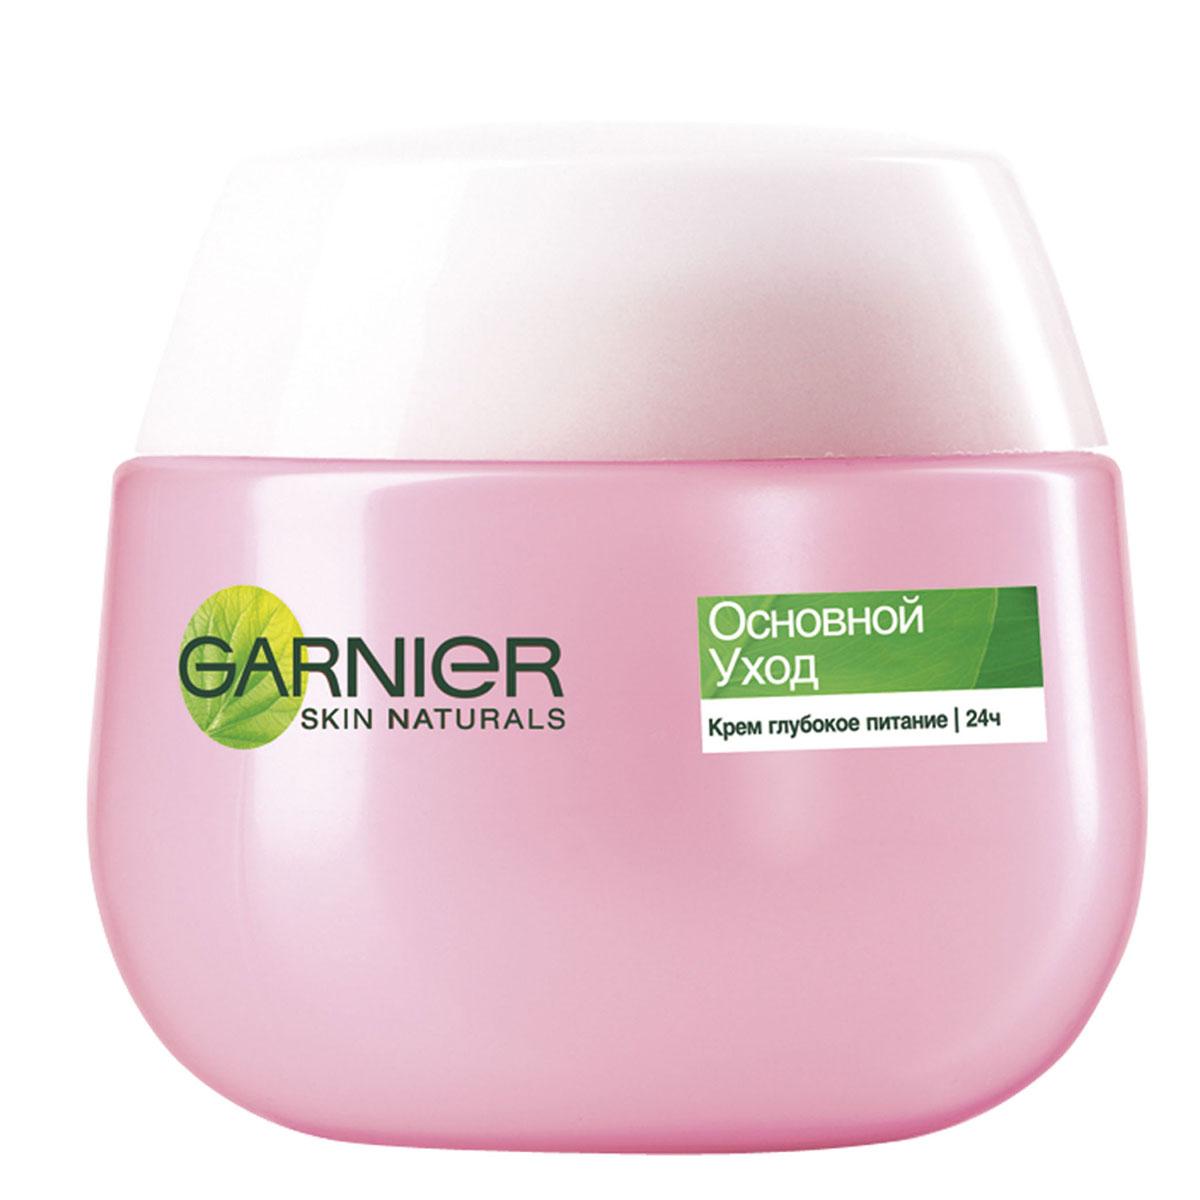 Garnier Крем для лица Основной Уход, Глубокое питание, для сухой и чувствительной кожи, 50 мл